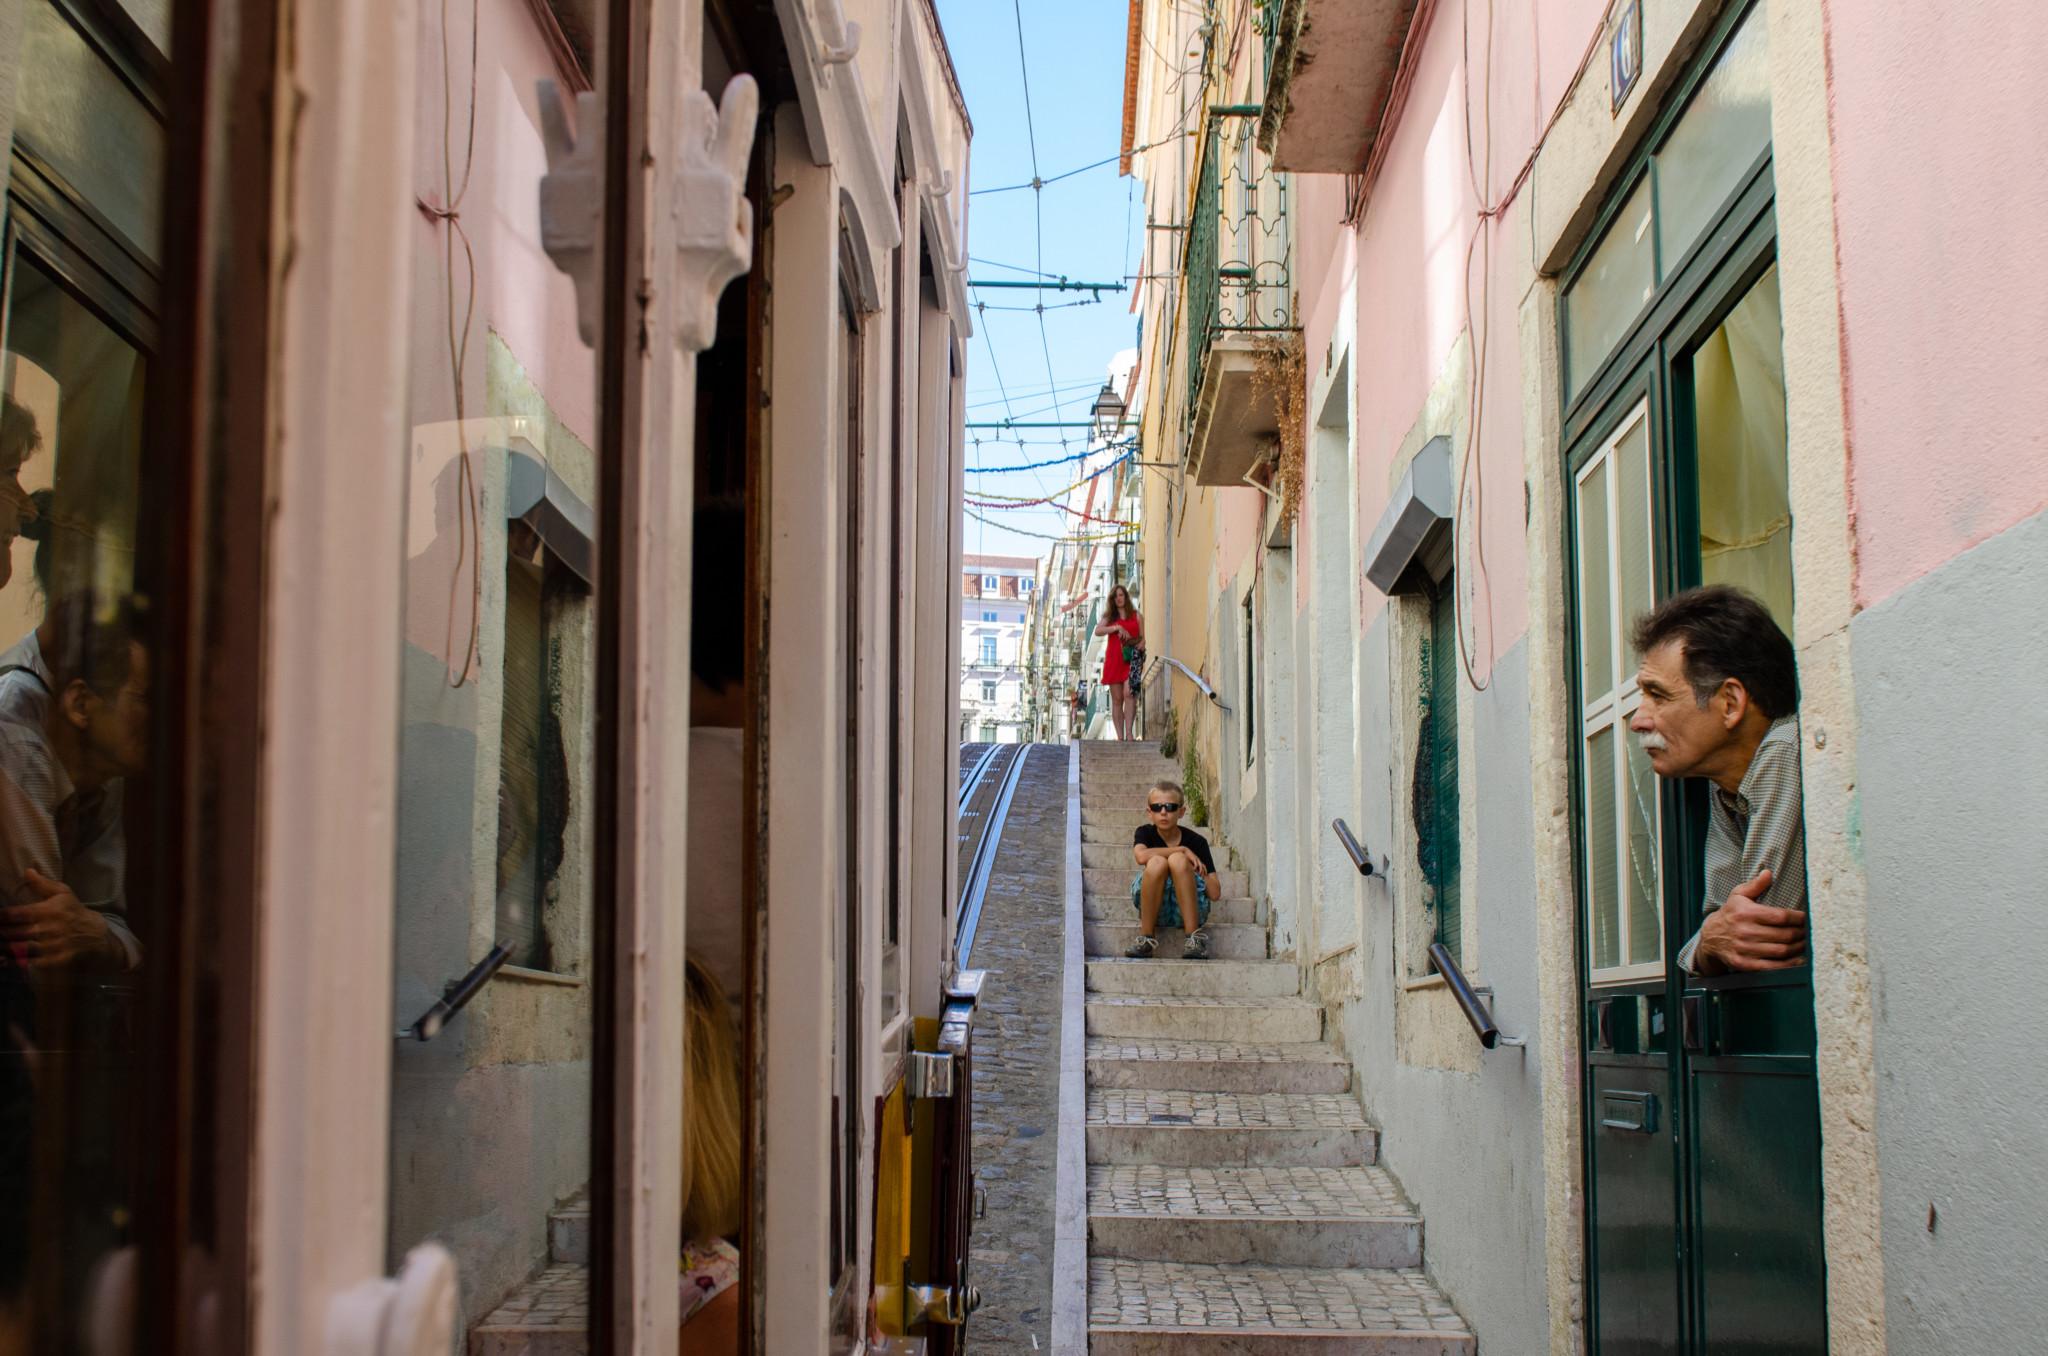 Typische Straße im Bairro Alto in Lissabon